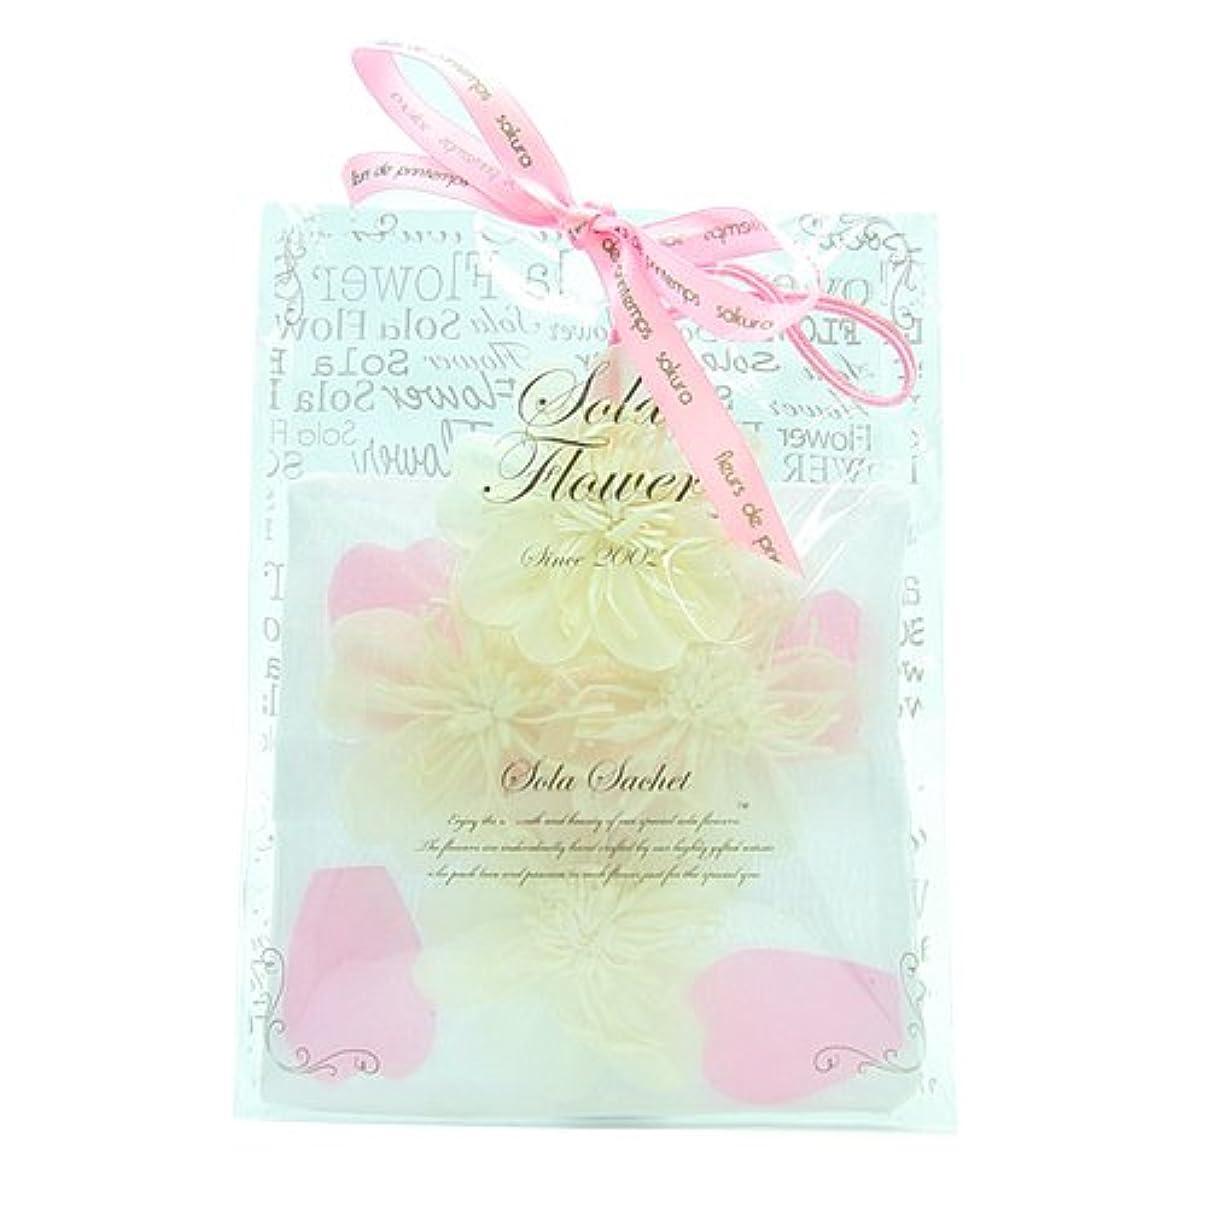 ぶら下がる適応する言及するfleurs de printemps Sola Flower ソラフラワー サシェ 桜 サクラ SOMEIYOSHINO ソメイヨシノ